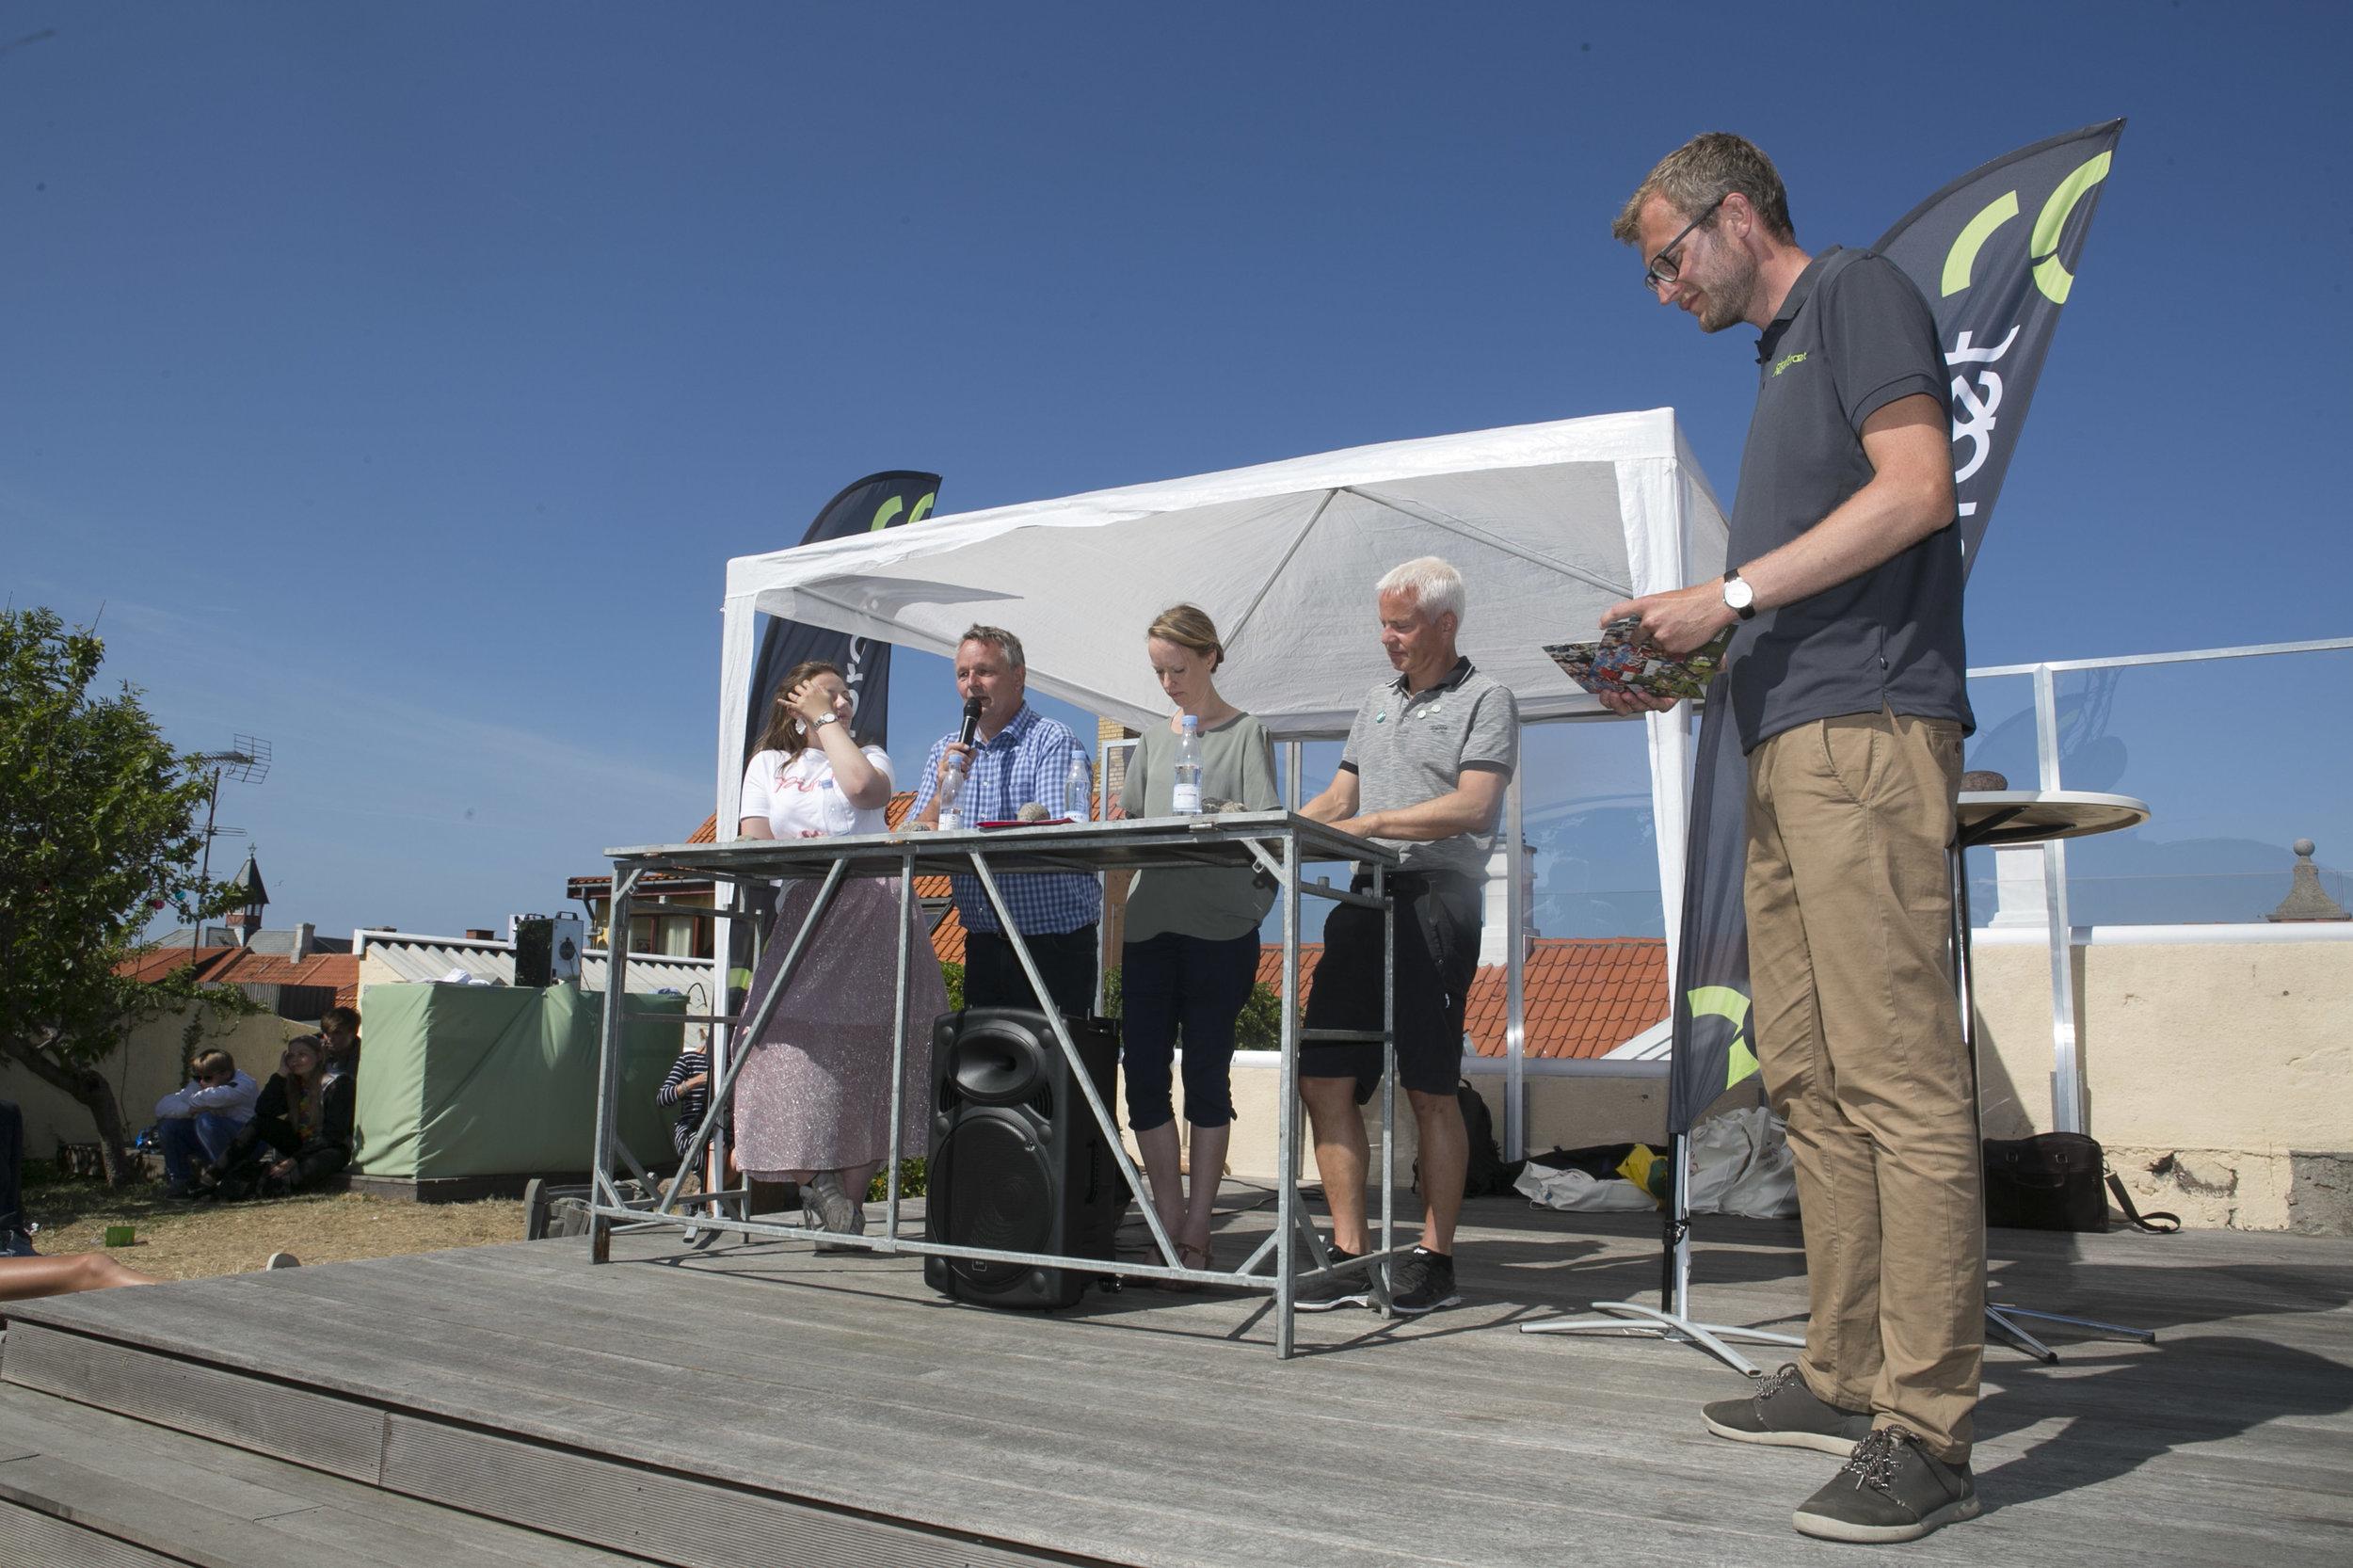 På Folkemødet 2018 arrangerede Dansk Skoleidræt for første gang en paneldebat. Repræsentanter fra eleverne, skolelederne, lærerne og det politiske liv debatterede, hvordan der skabes kvalitet i skolernes arbejde med bevægelse.